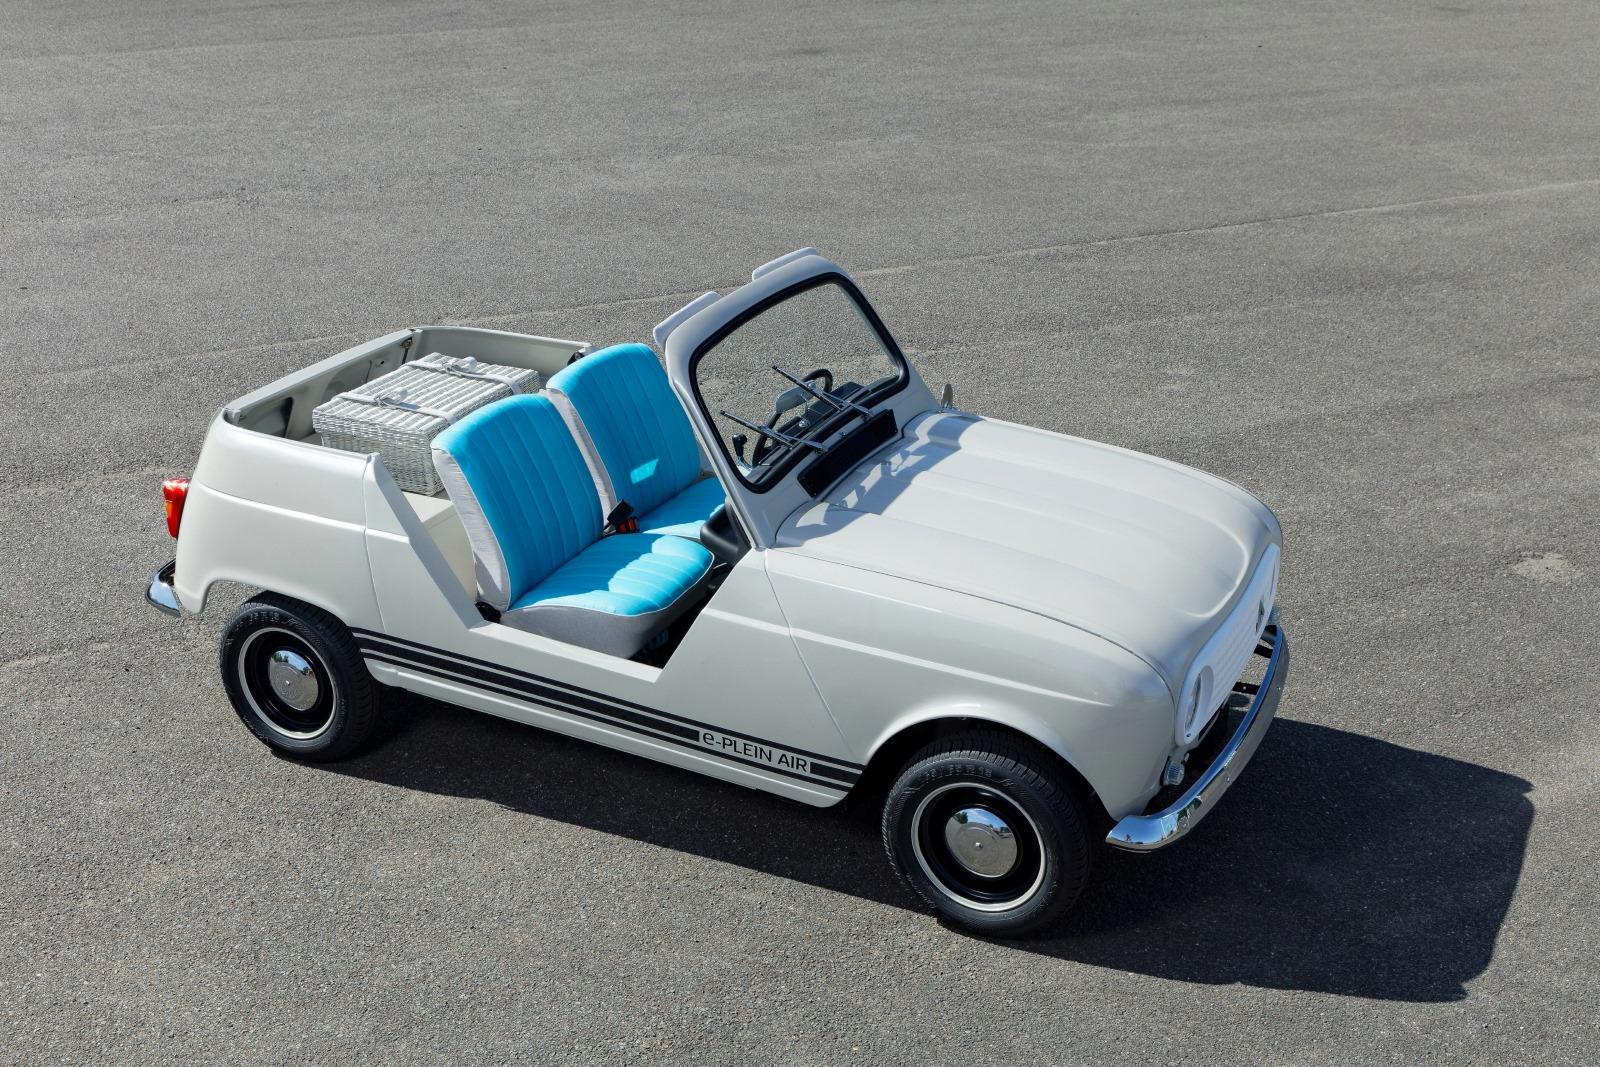 Renault-e-Plein-Air-concept-1